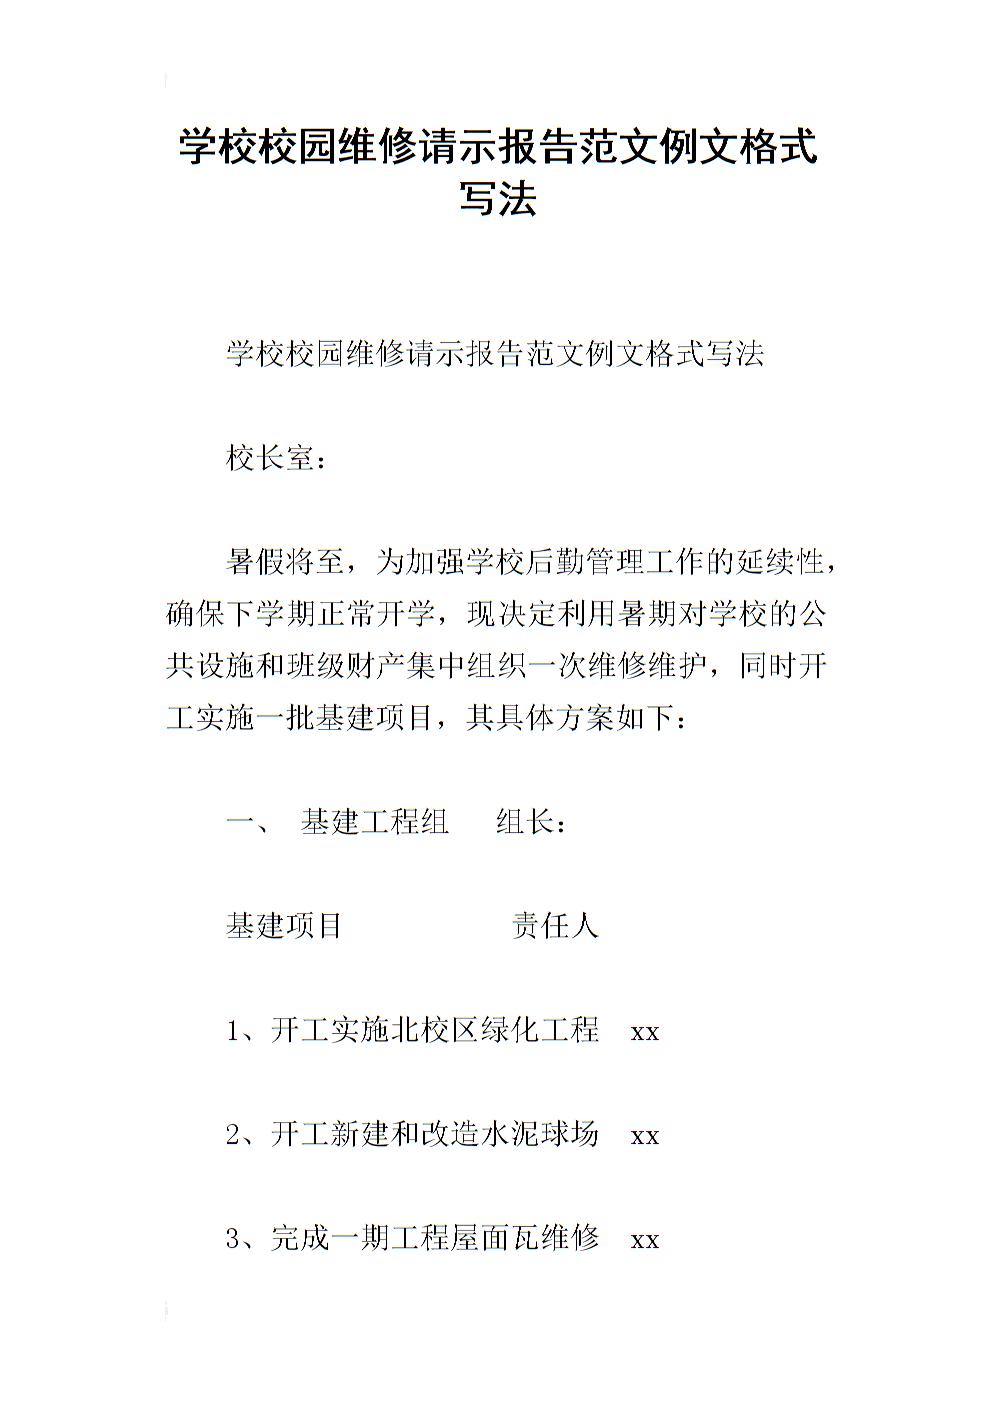 学校校园维修请示报告范文例文格式写法.docx图片